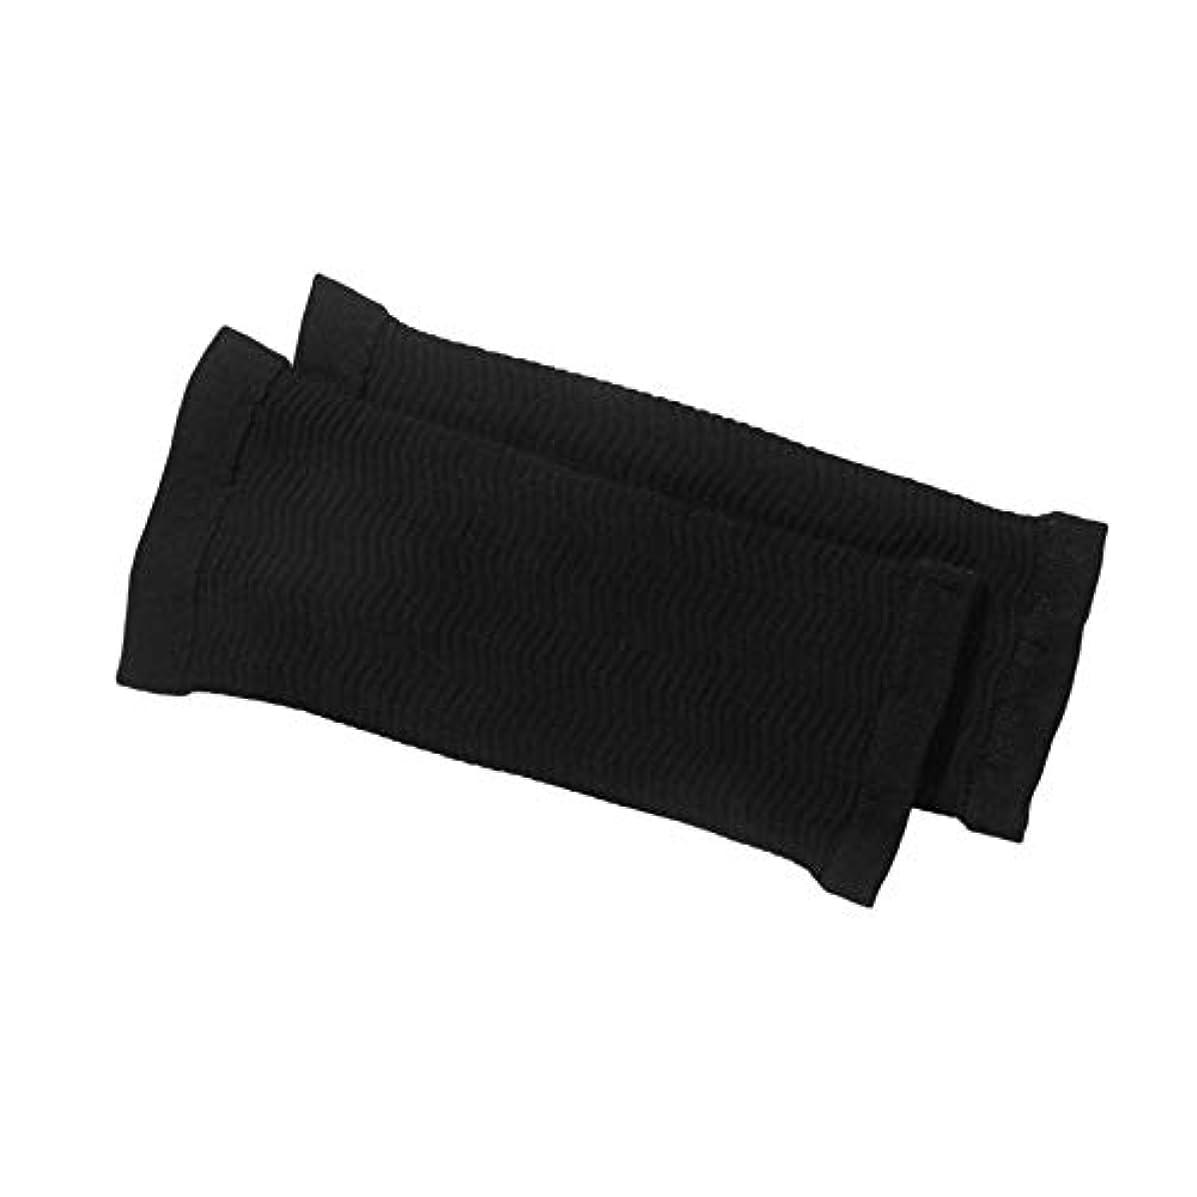 から悪化させるオアシス1ペア420 D圧縮痩身アームスリーブワークアウトトーニングバーンセルライトシェイパー脂肪燃焼袖用女性 - 黒